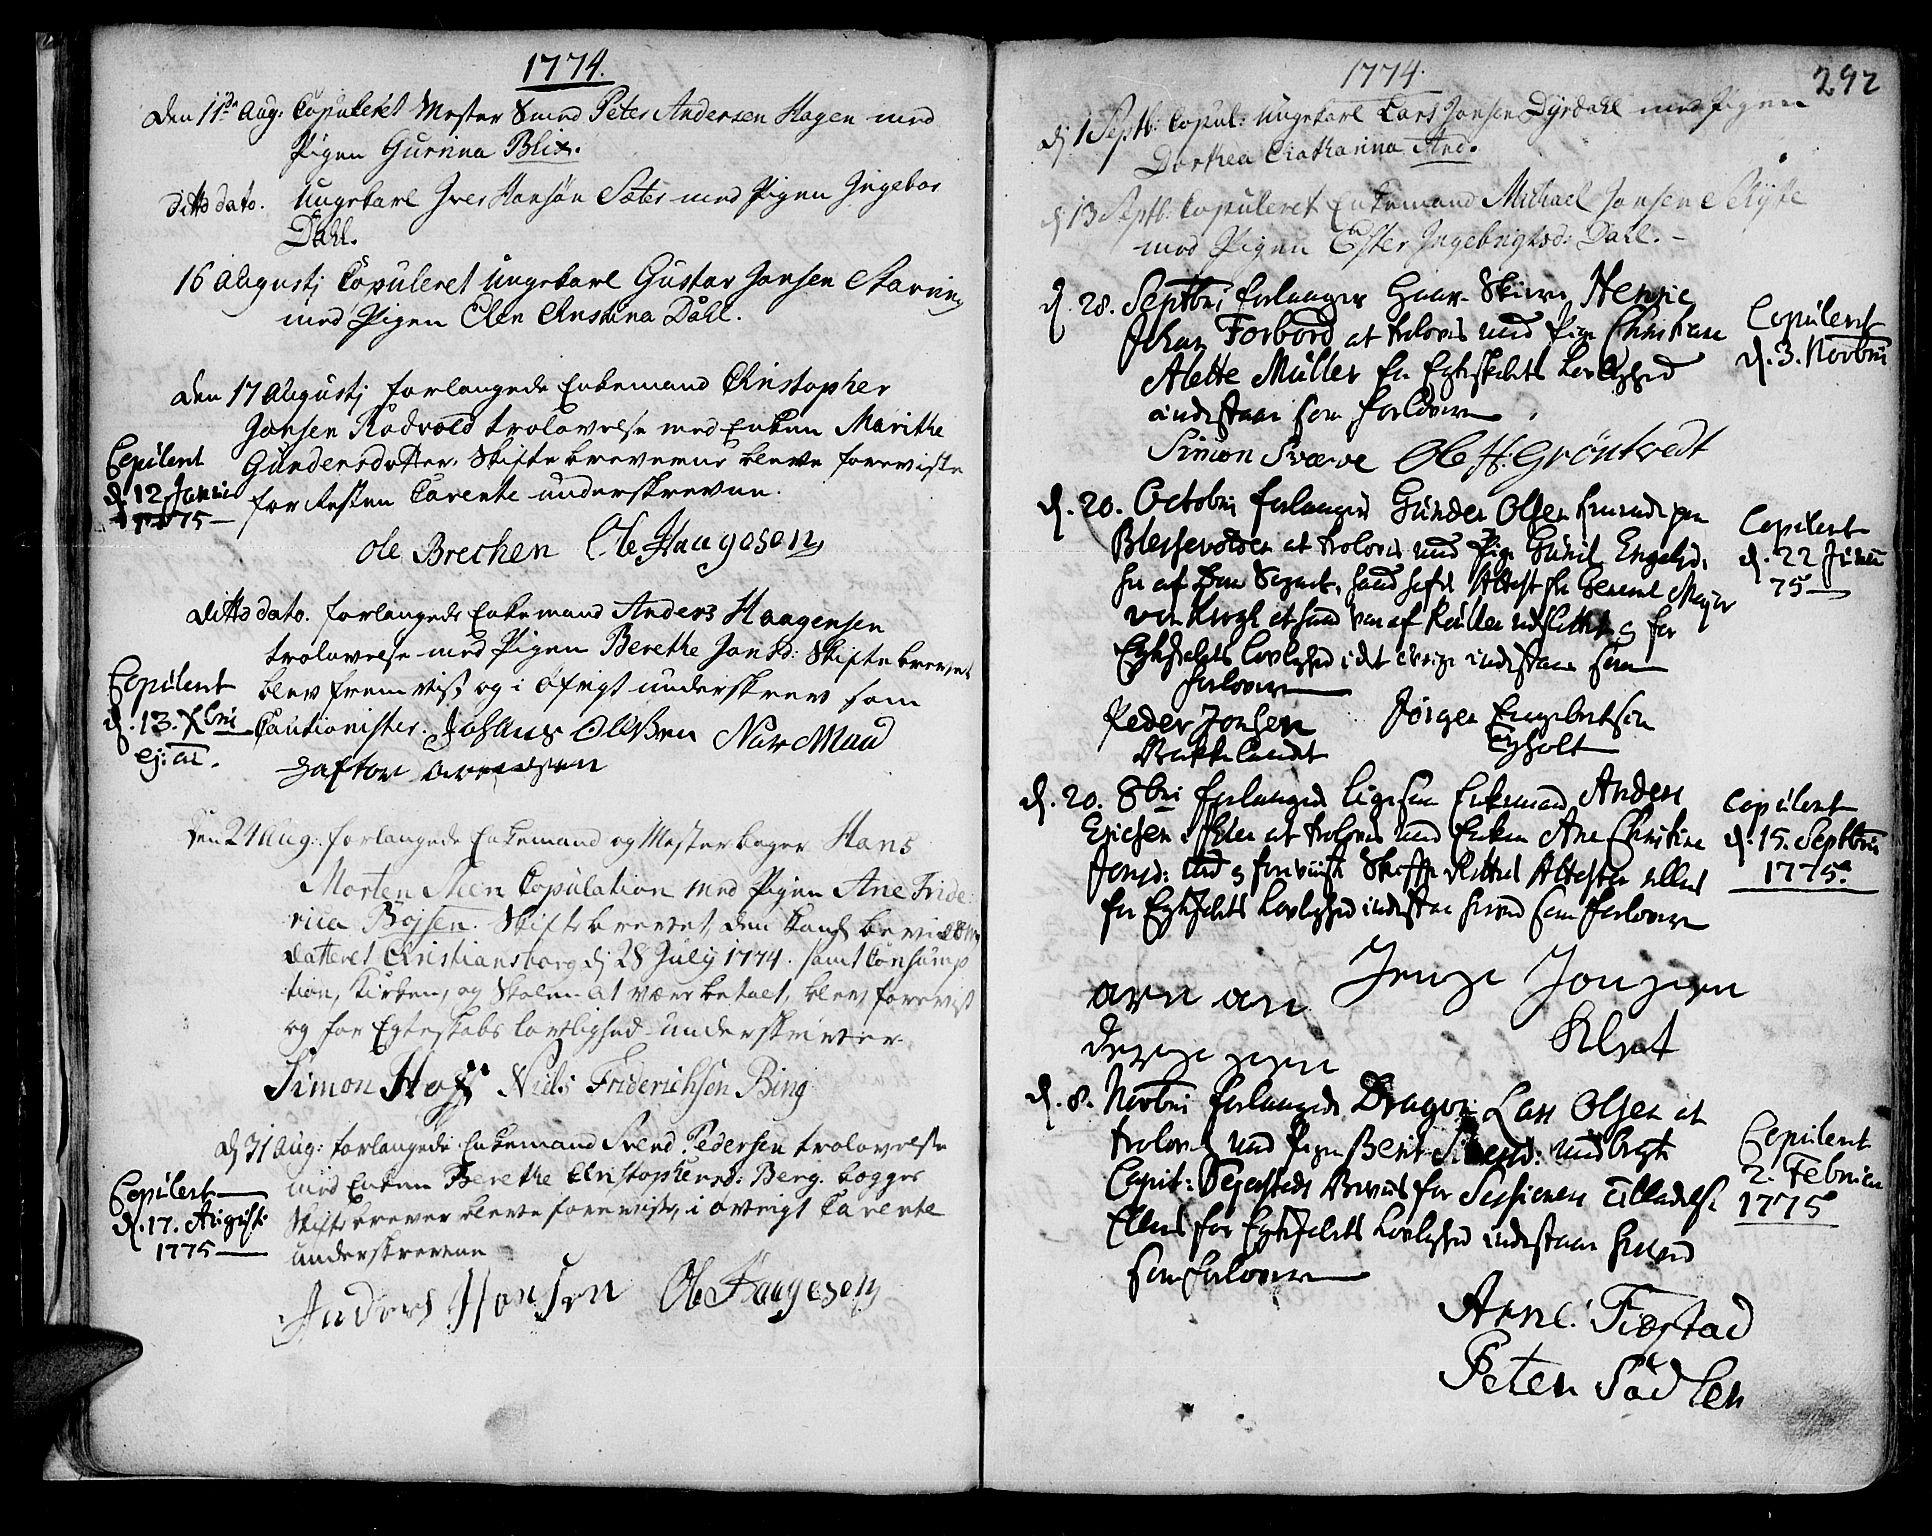 SAT, Ministerialprotokoller, klokkerbøker og fødselsregistre - Sør-Trøndelag, 601/L0038: Ministerialbok nr. 601A06, 1766-1877, s. 292